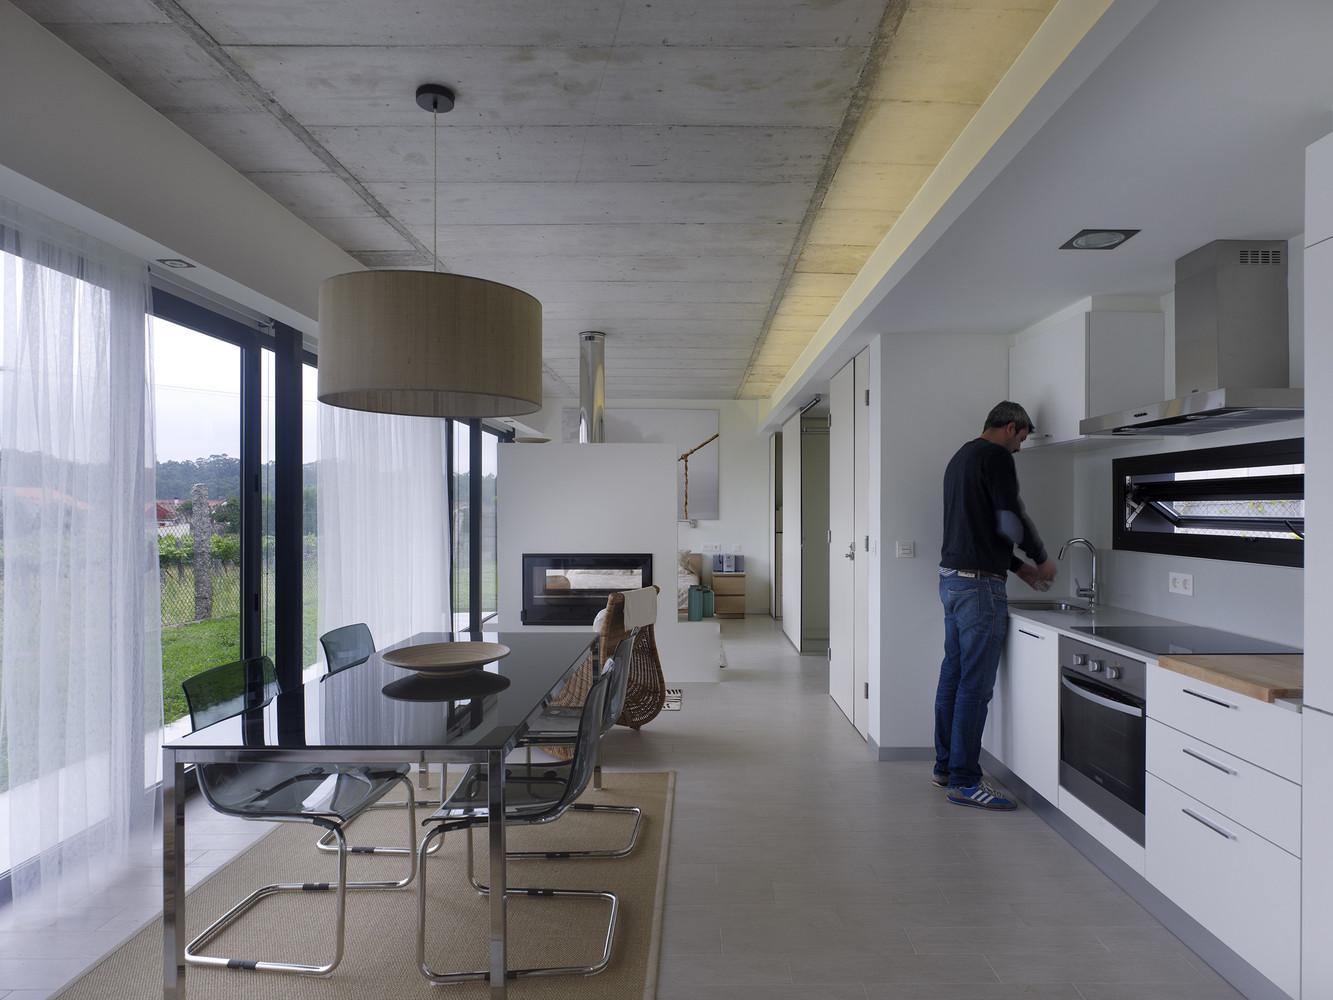 Baño Maria Cocina Definicion:Pequeña casa en Rubianes, Vilagarcía de Arosa (Pontevedra): moderna